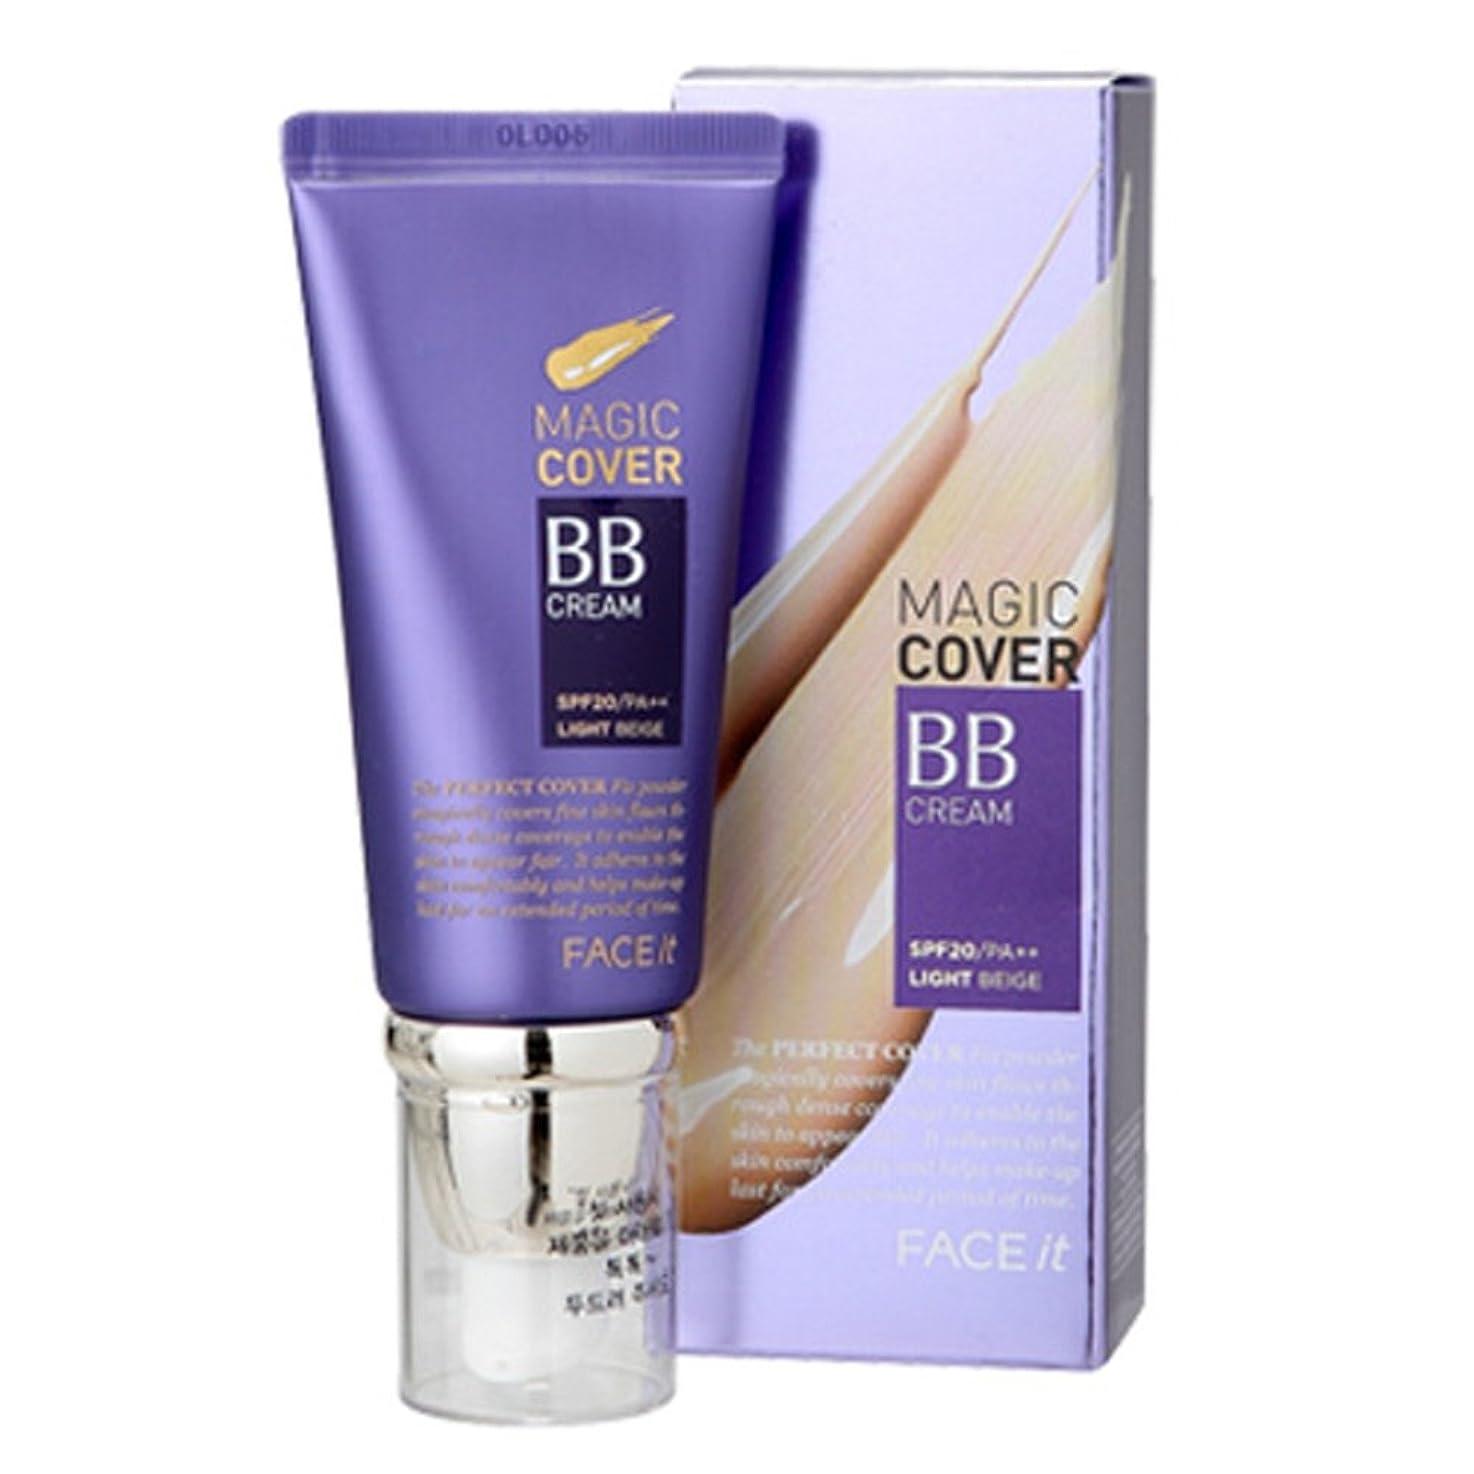 下位カバーマティスザフェイスショップ The Face Shop Face It Magic Cover BB Cream 45ml (02 Natural Beige)